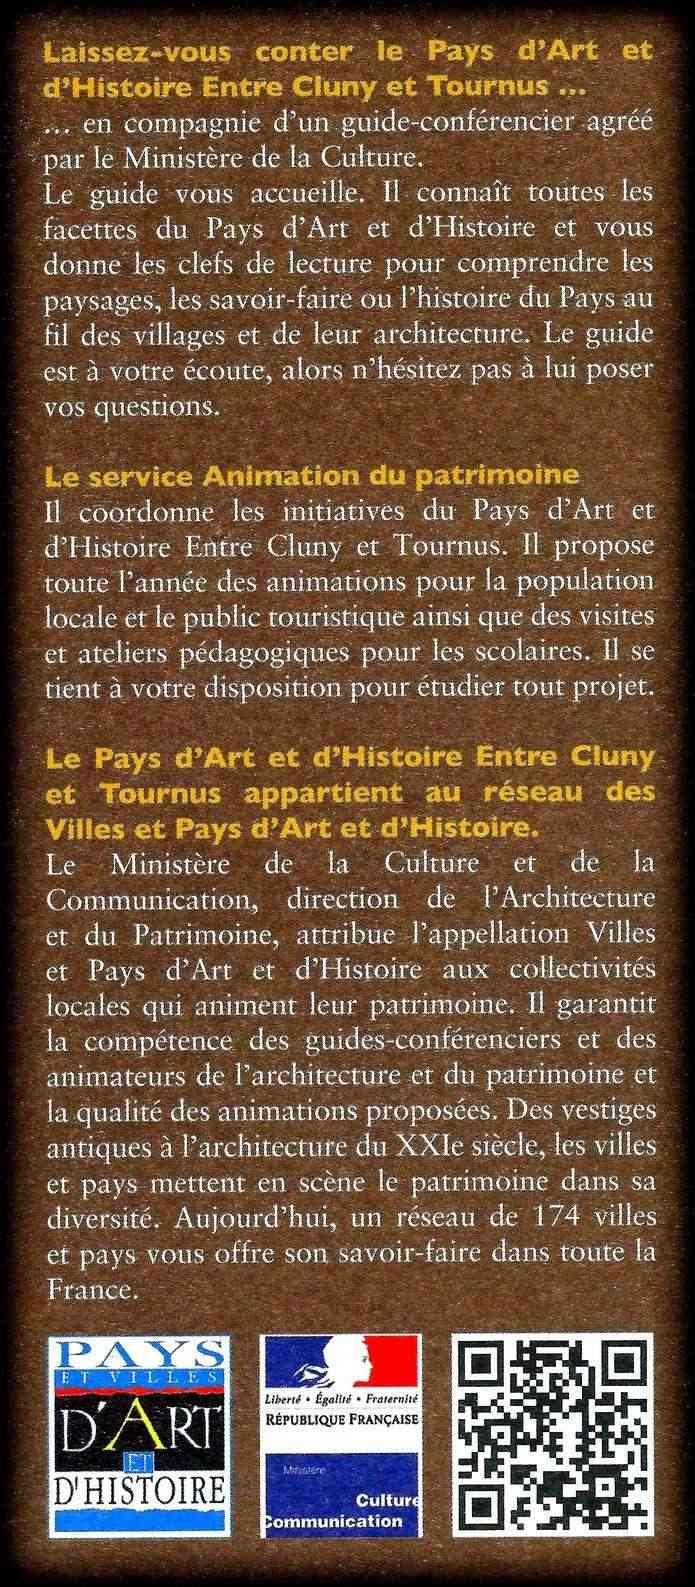 Laissez-vous-conter-les-monuments-aux-morts-de 14-18 Scan_310